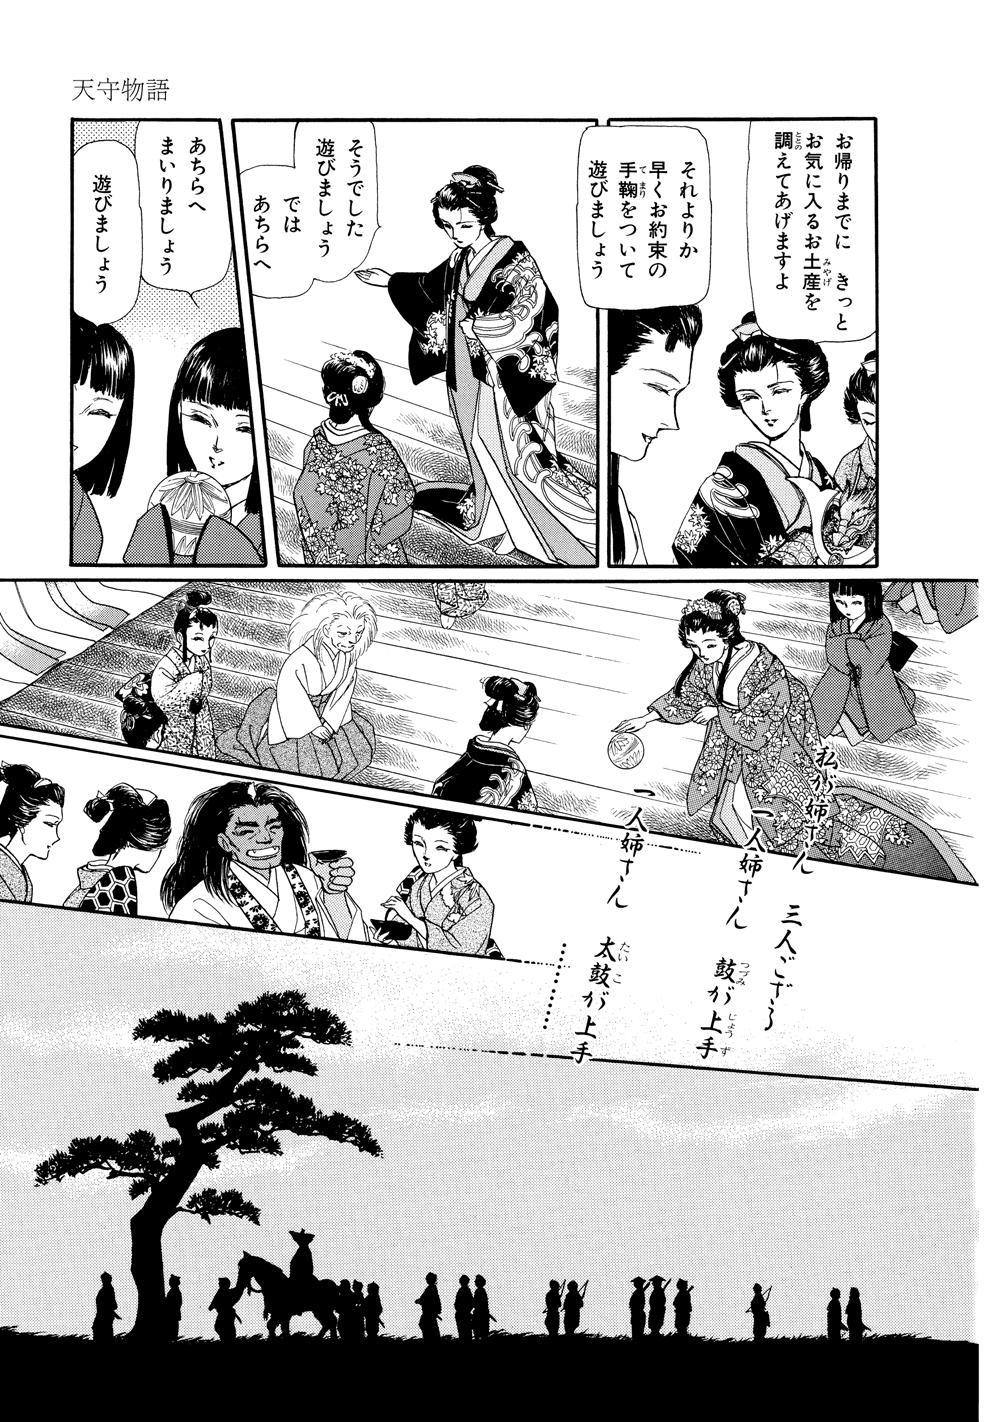 鏡花夢幻01_023.jpg